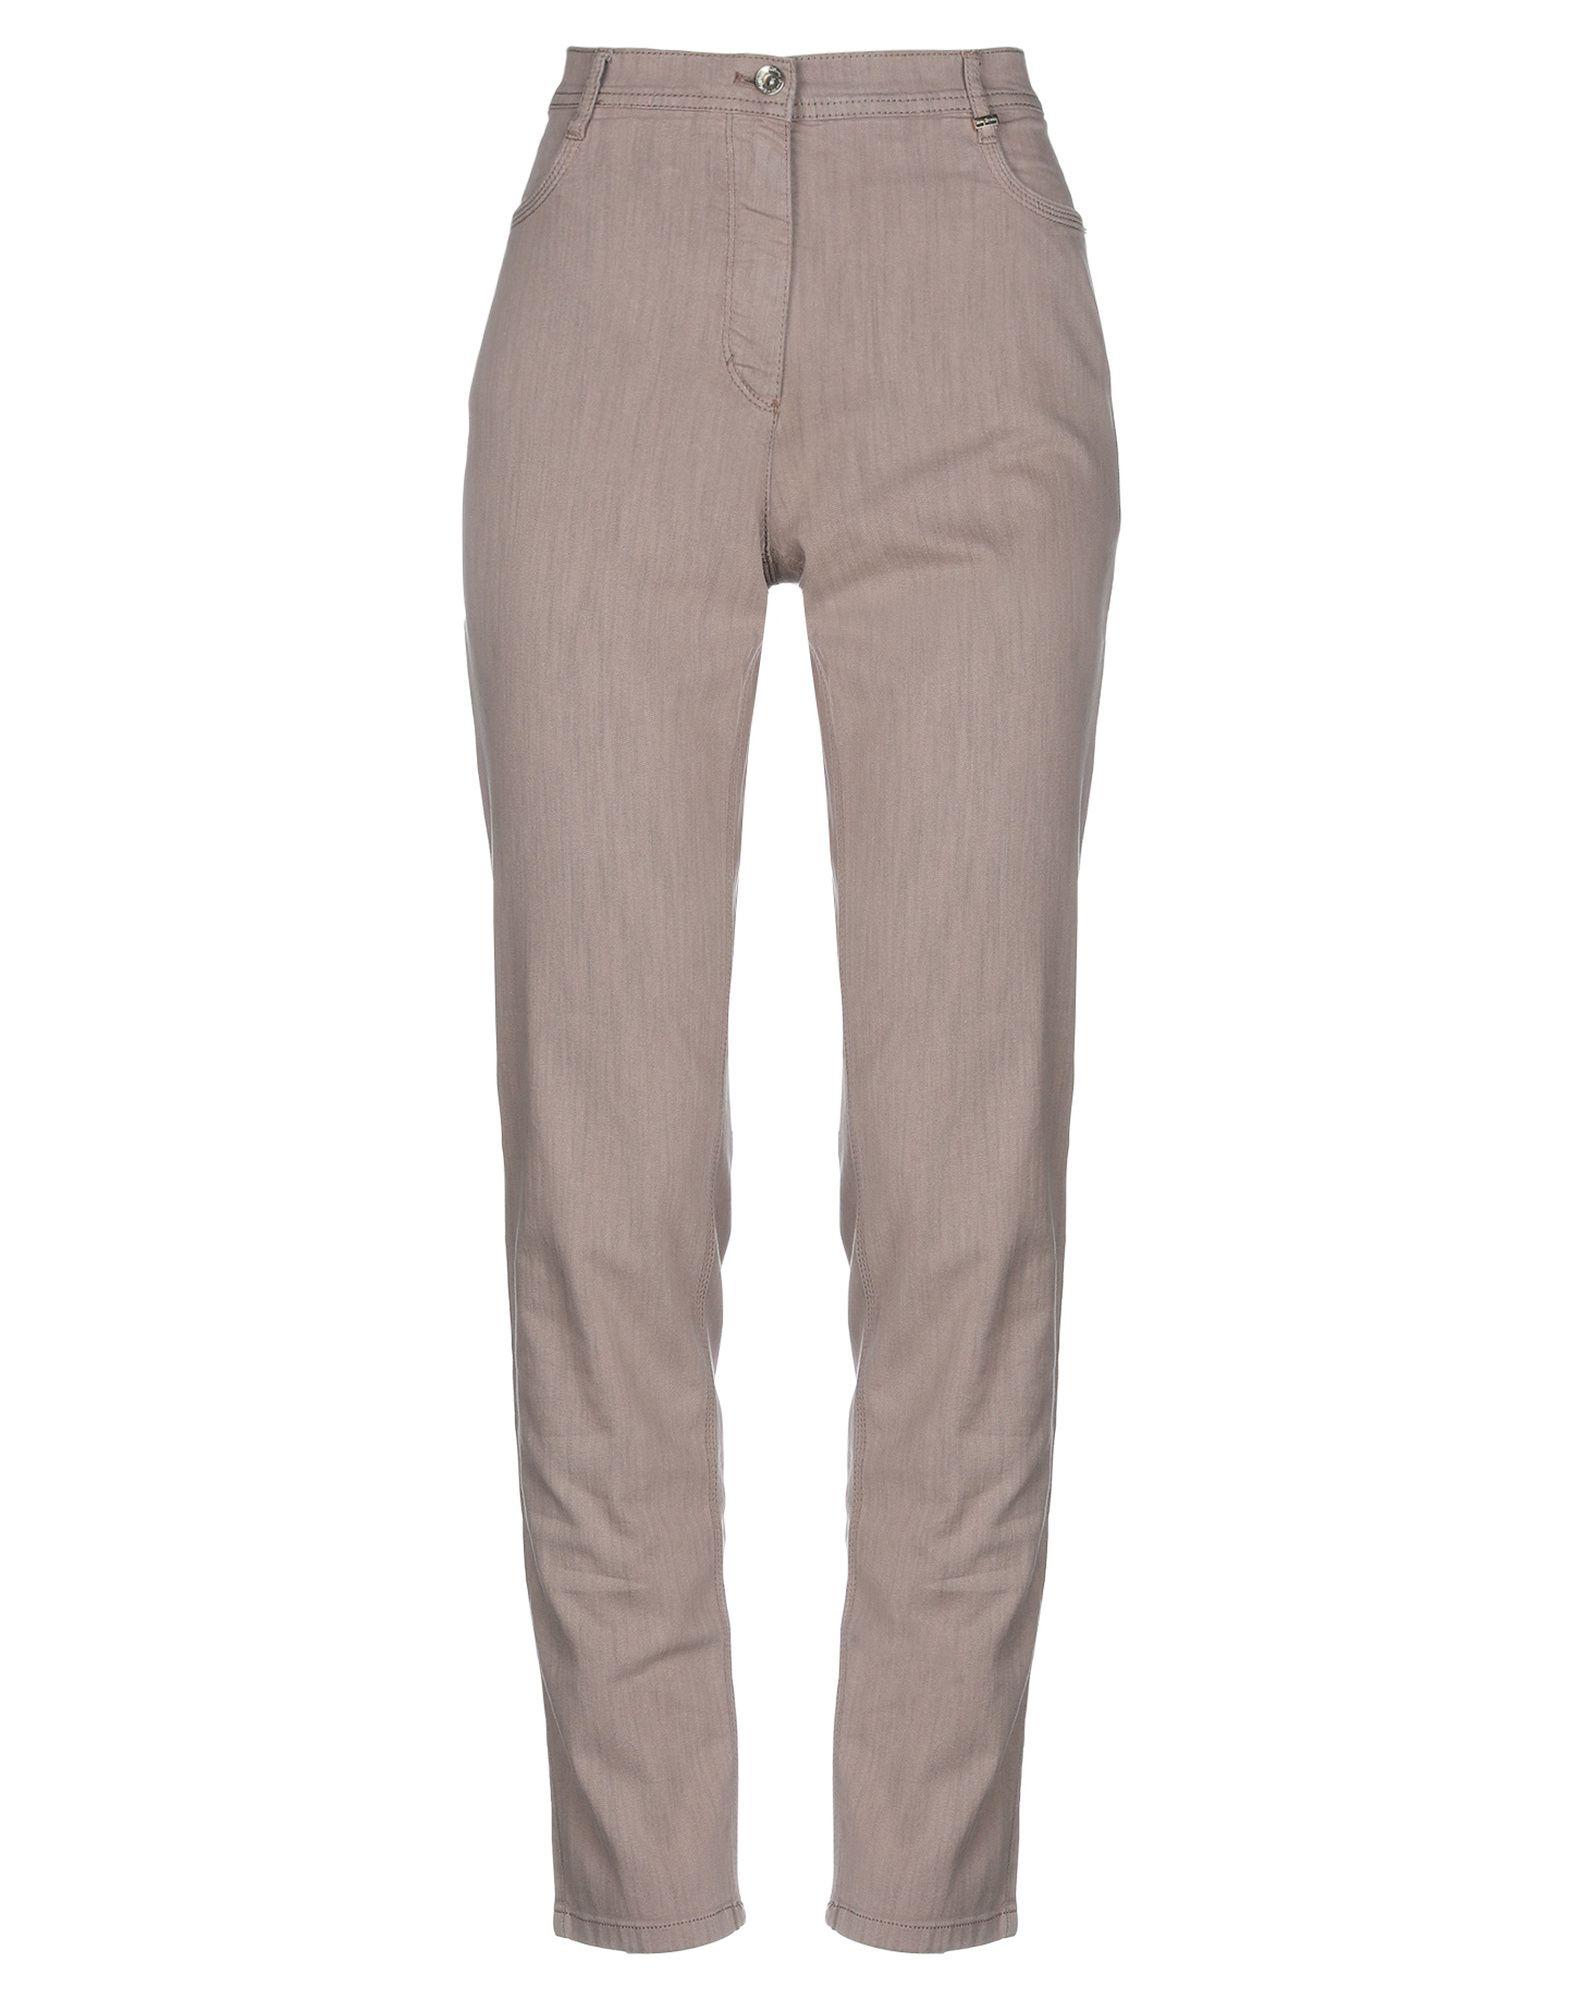 купить BETTY BARCLAY Джинсовые брюки по цене 2800 рублей